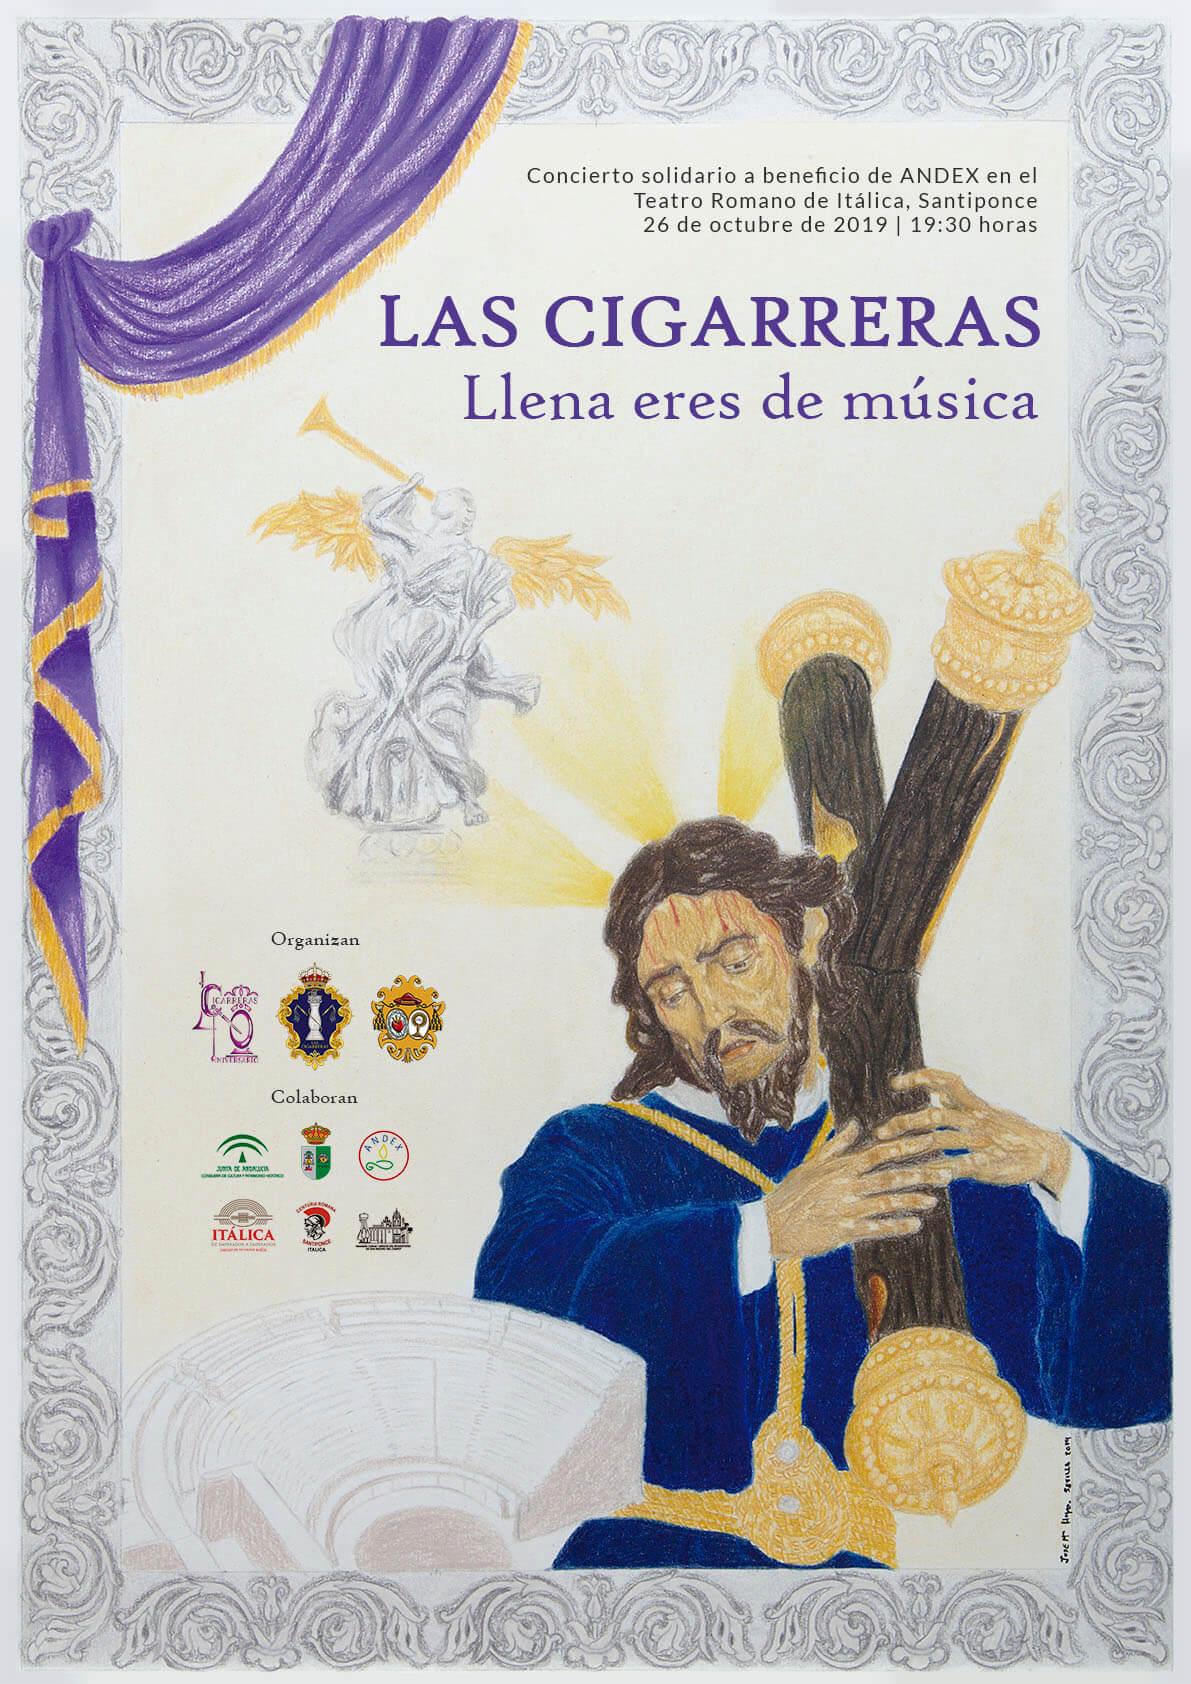 Cartel del concierto de Las Cigarreras en el Teatro Romano de Itálica 2019